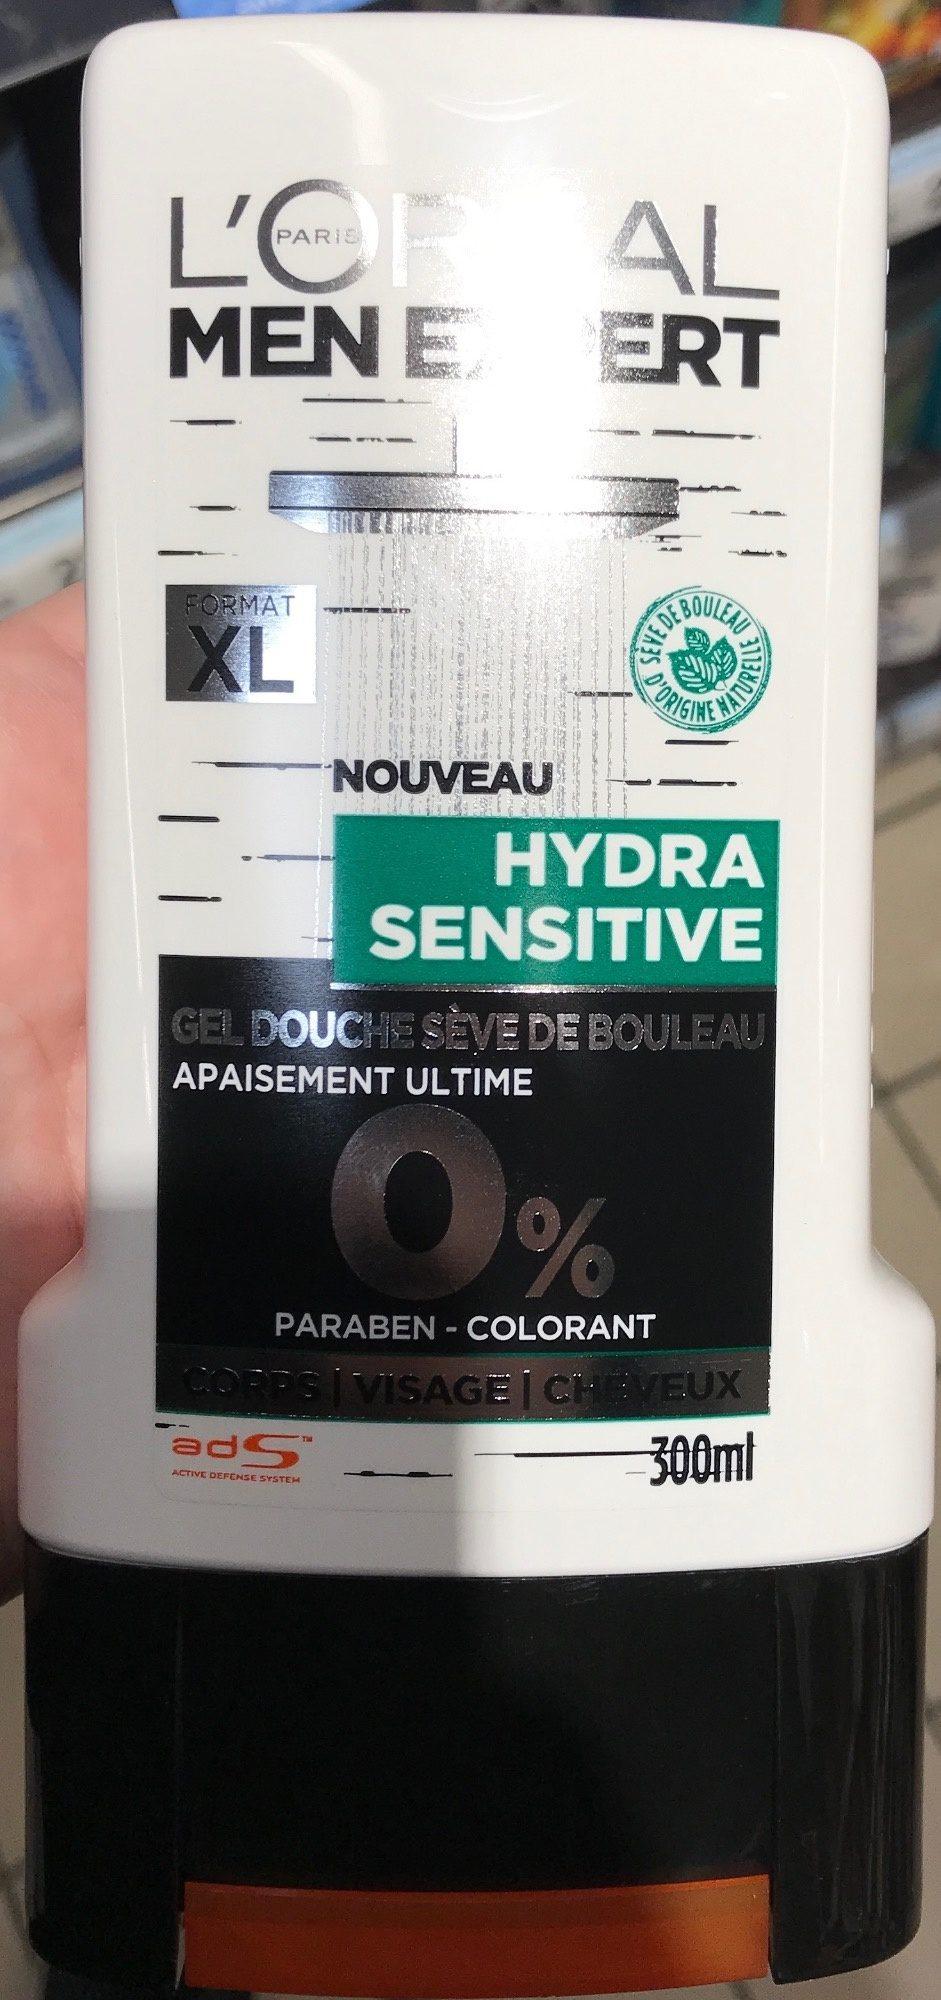 Hydra Sensitive Gel douche sève de Bouleau (format XL) - Product - fr